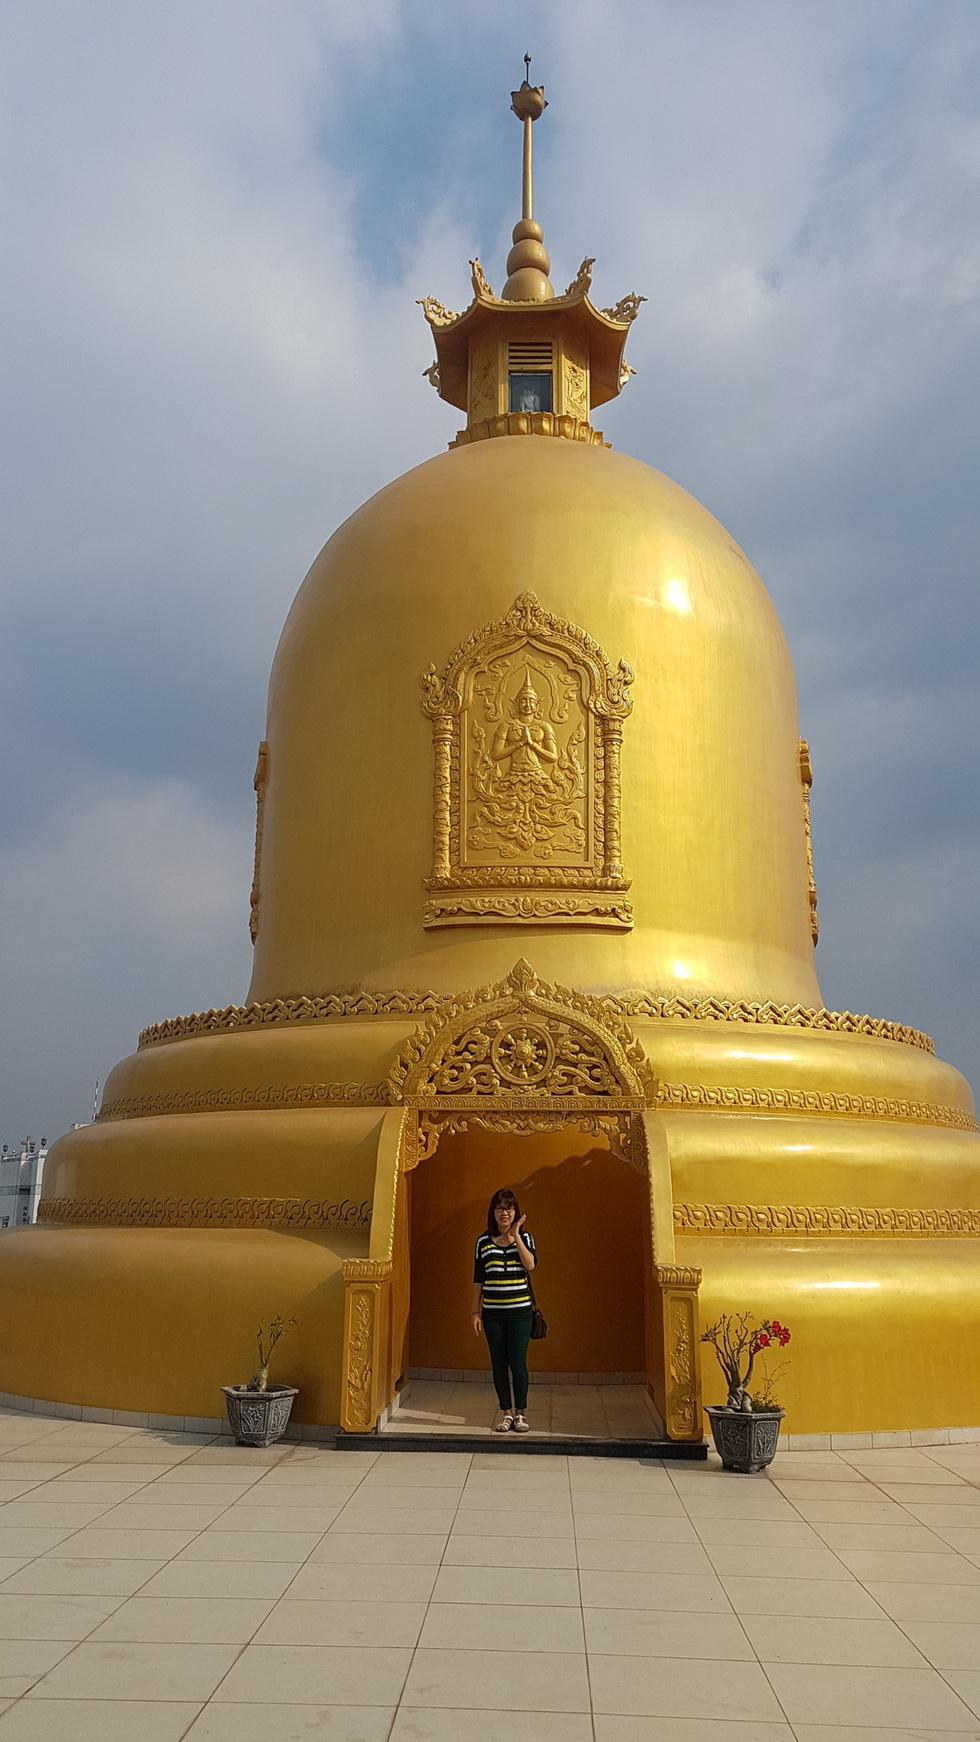 130 ngôi chùa Việt trong series tham vọng 1000 chùa của chàng đạo diễn trẻ - Ảnh 9.